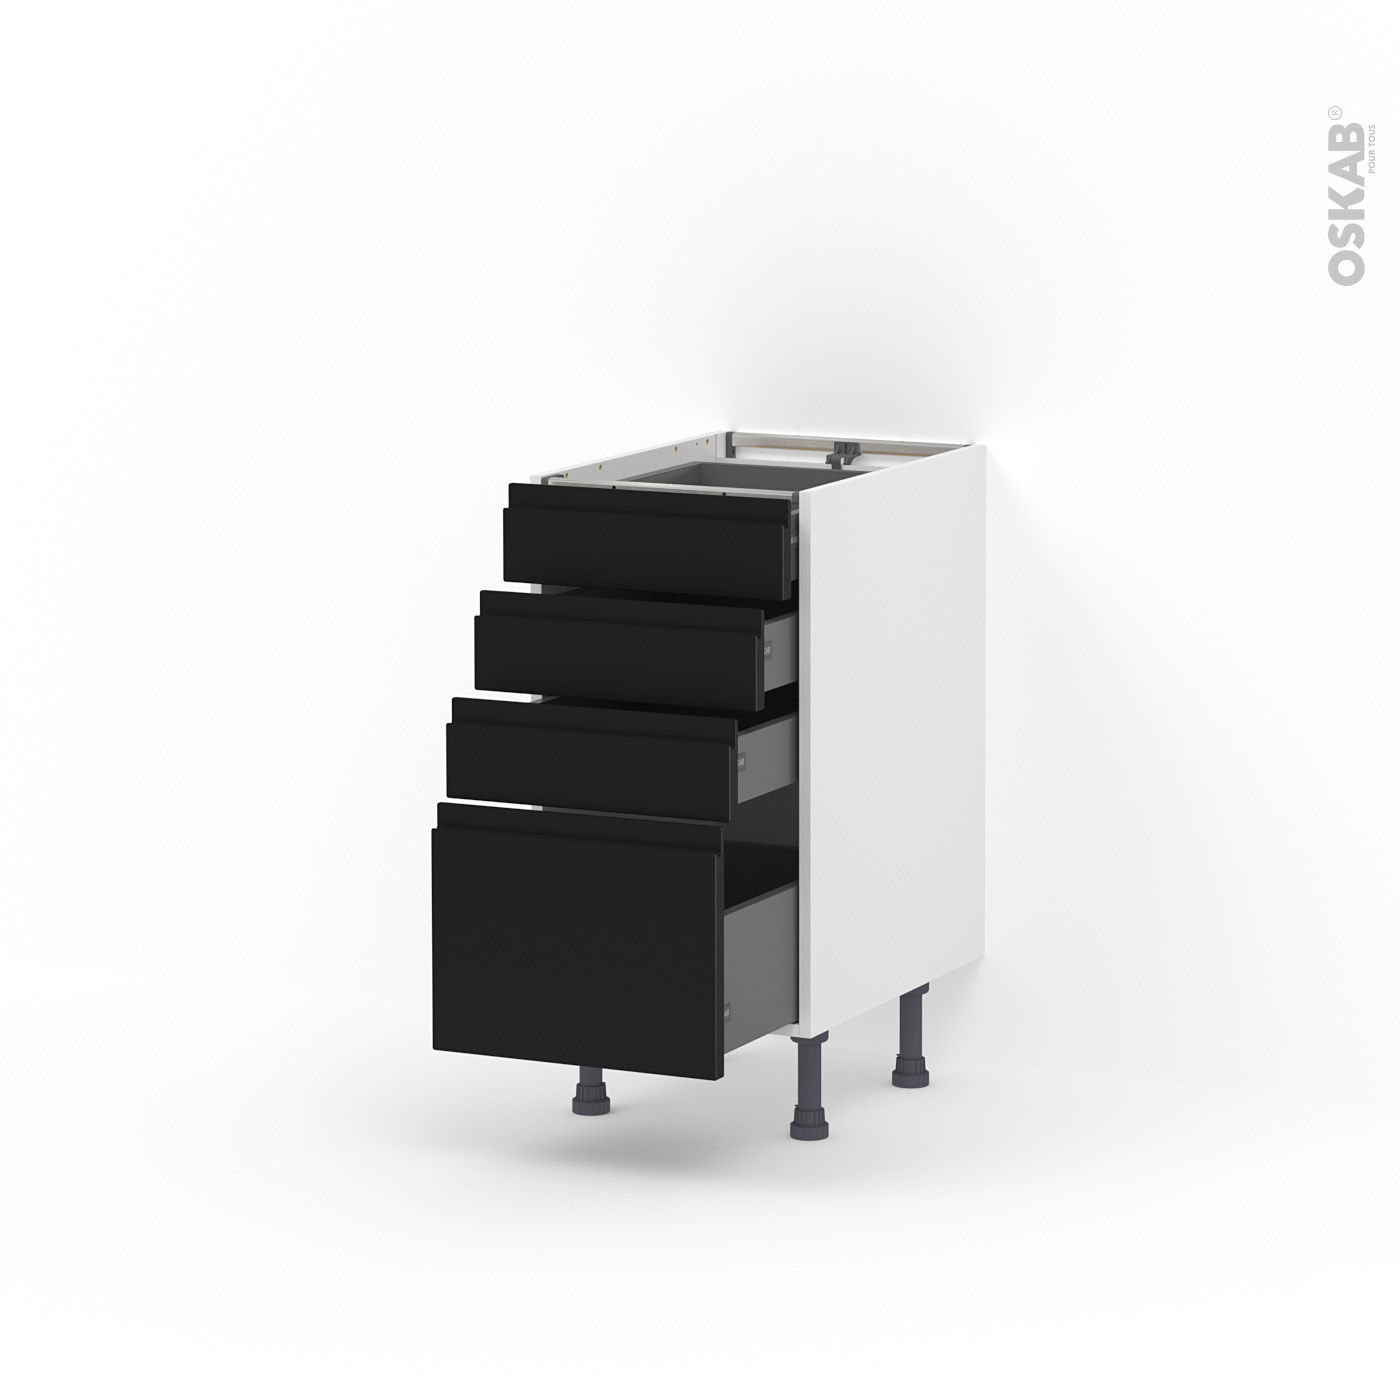 Nettoyer Meuble Cuisine Mat meuble de cuisine casserolier ipoma noir mat, 4 tiroirs, l40 x h70 x p58 cm